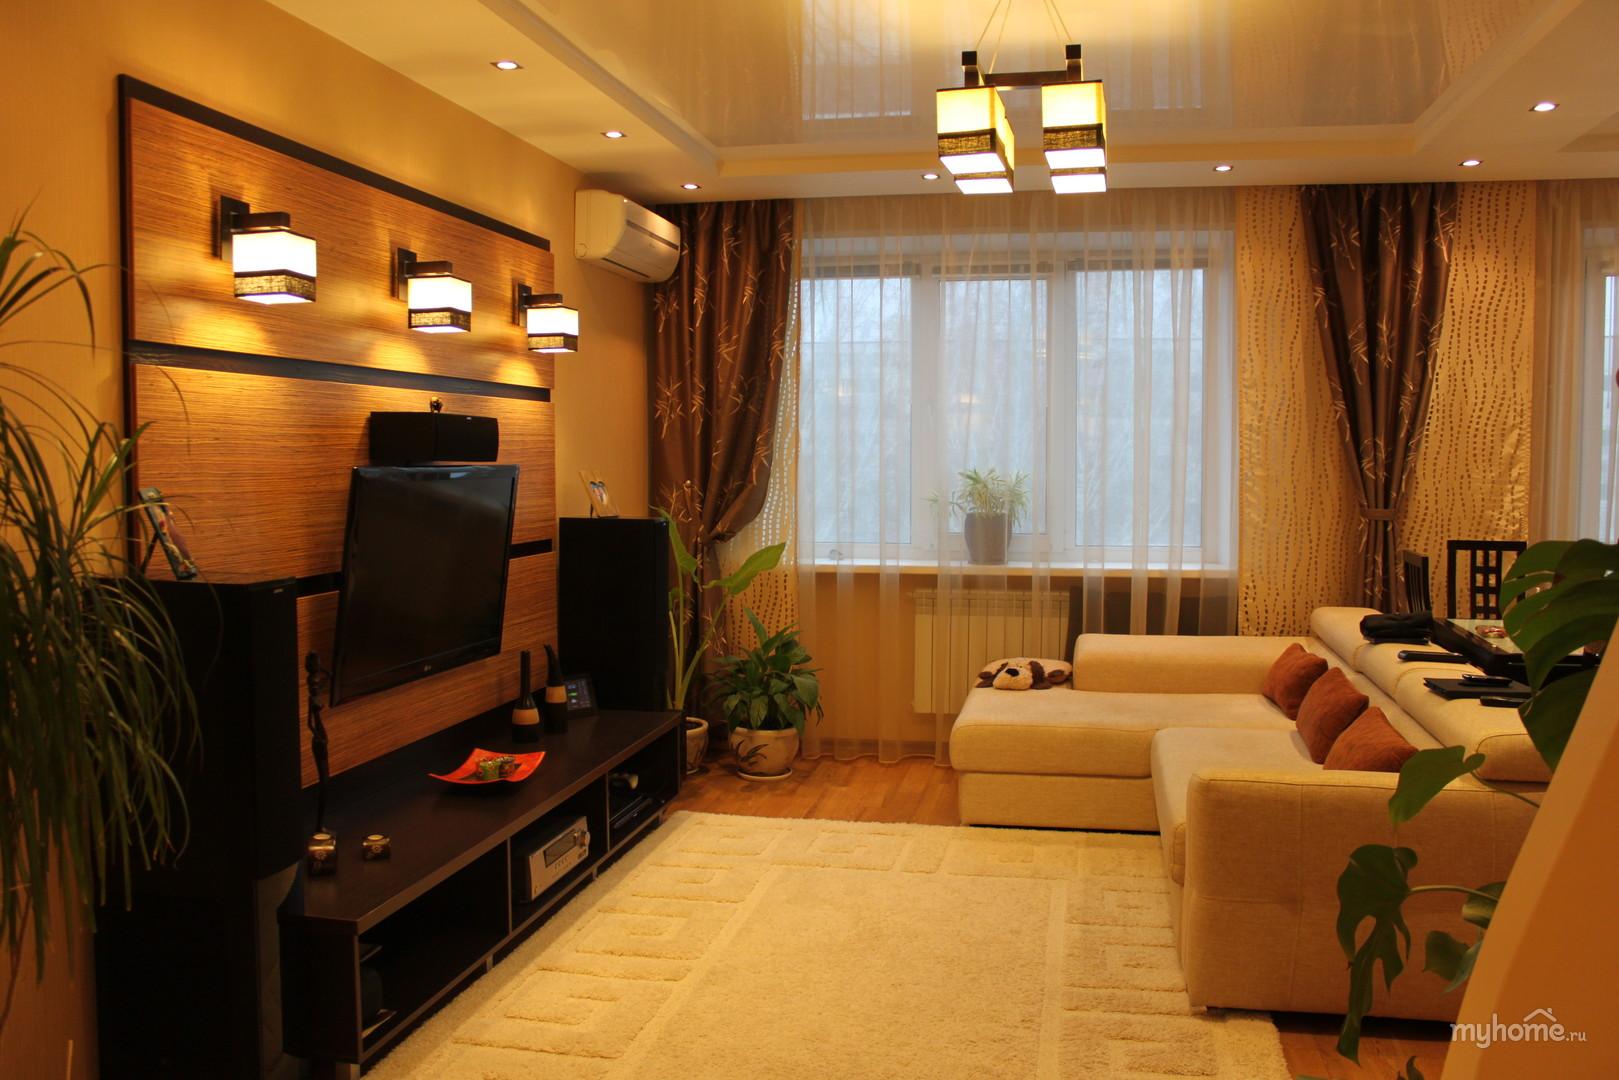 Дизайн гостиной в доме своими руками